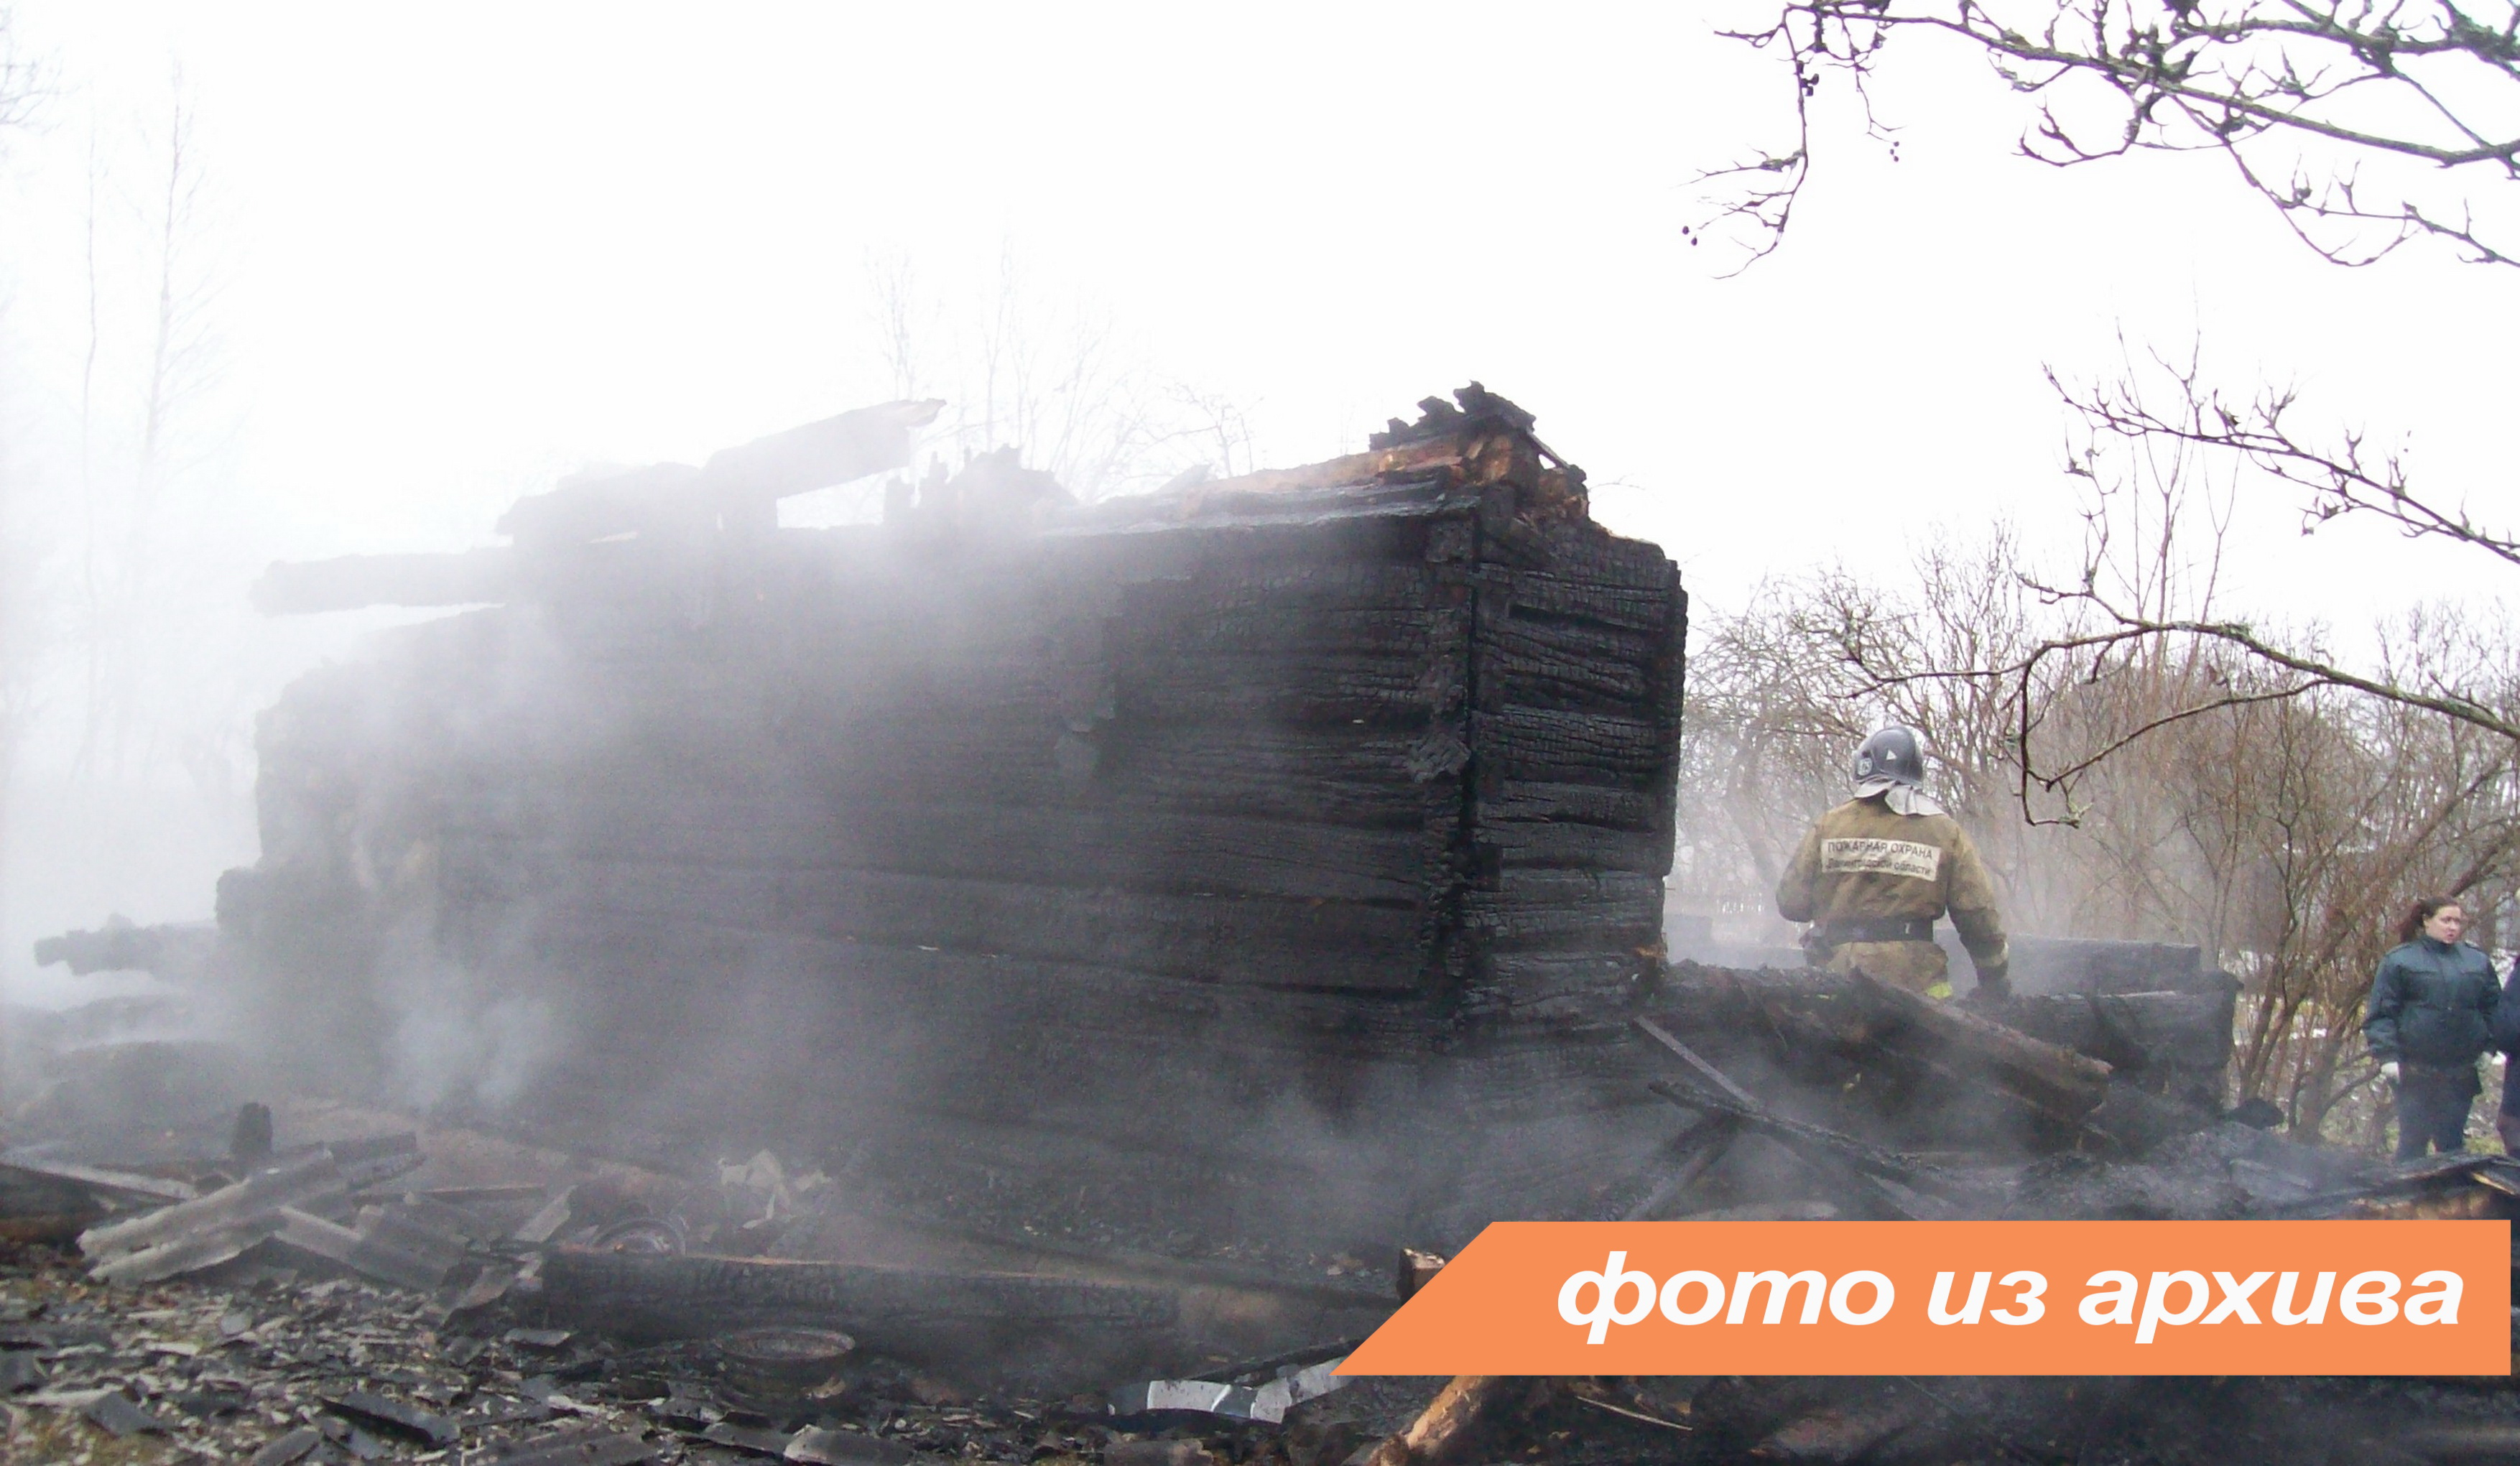 Пожарно-спасательные подразделения Ленинградской области ликвидировали пожар в Приозерском районе